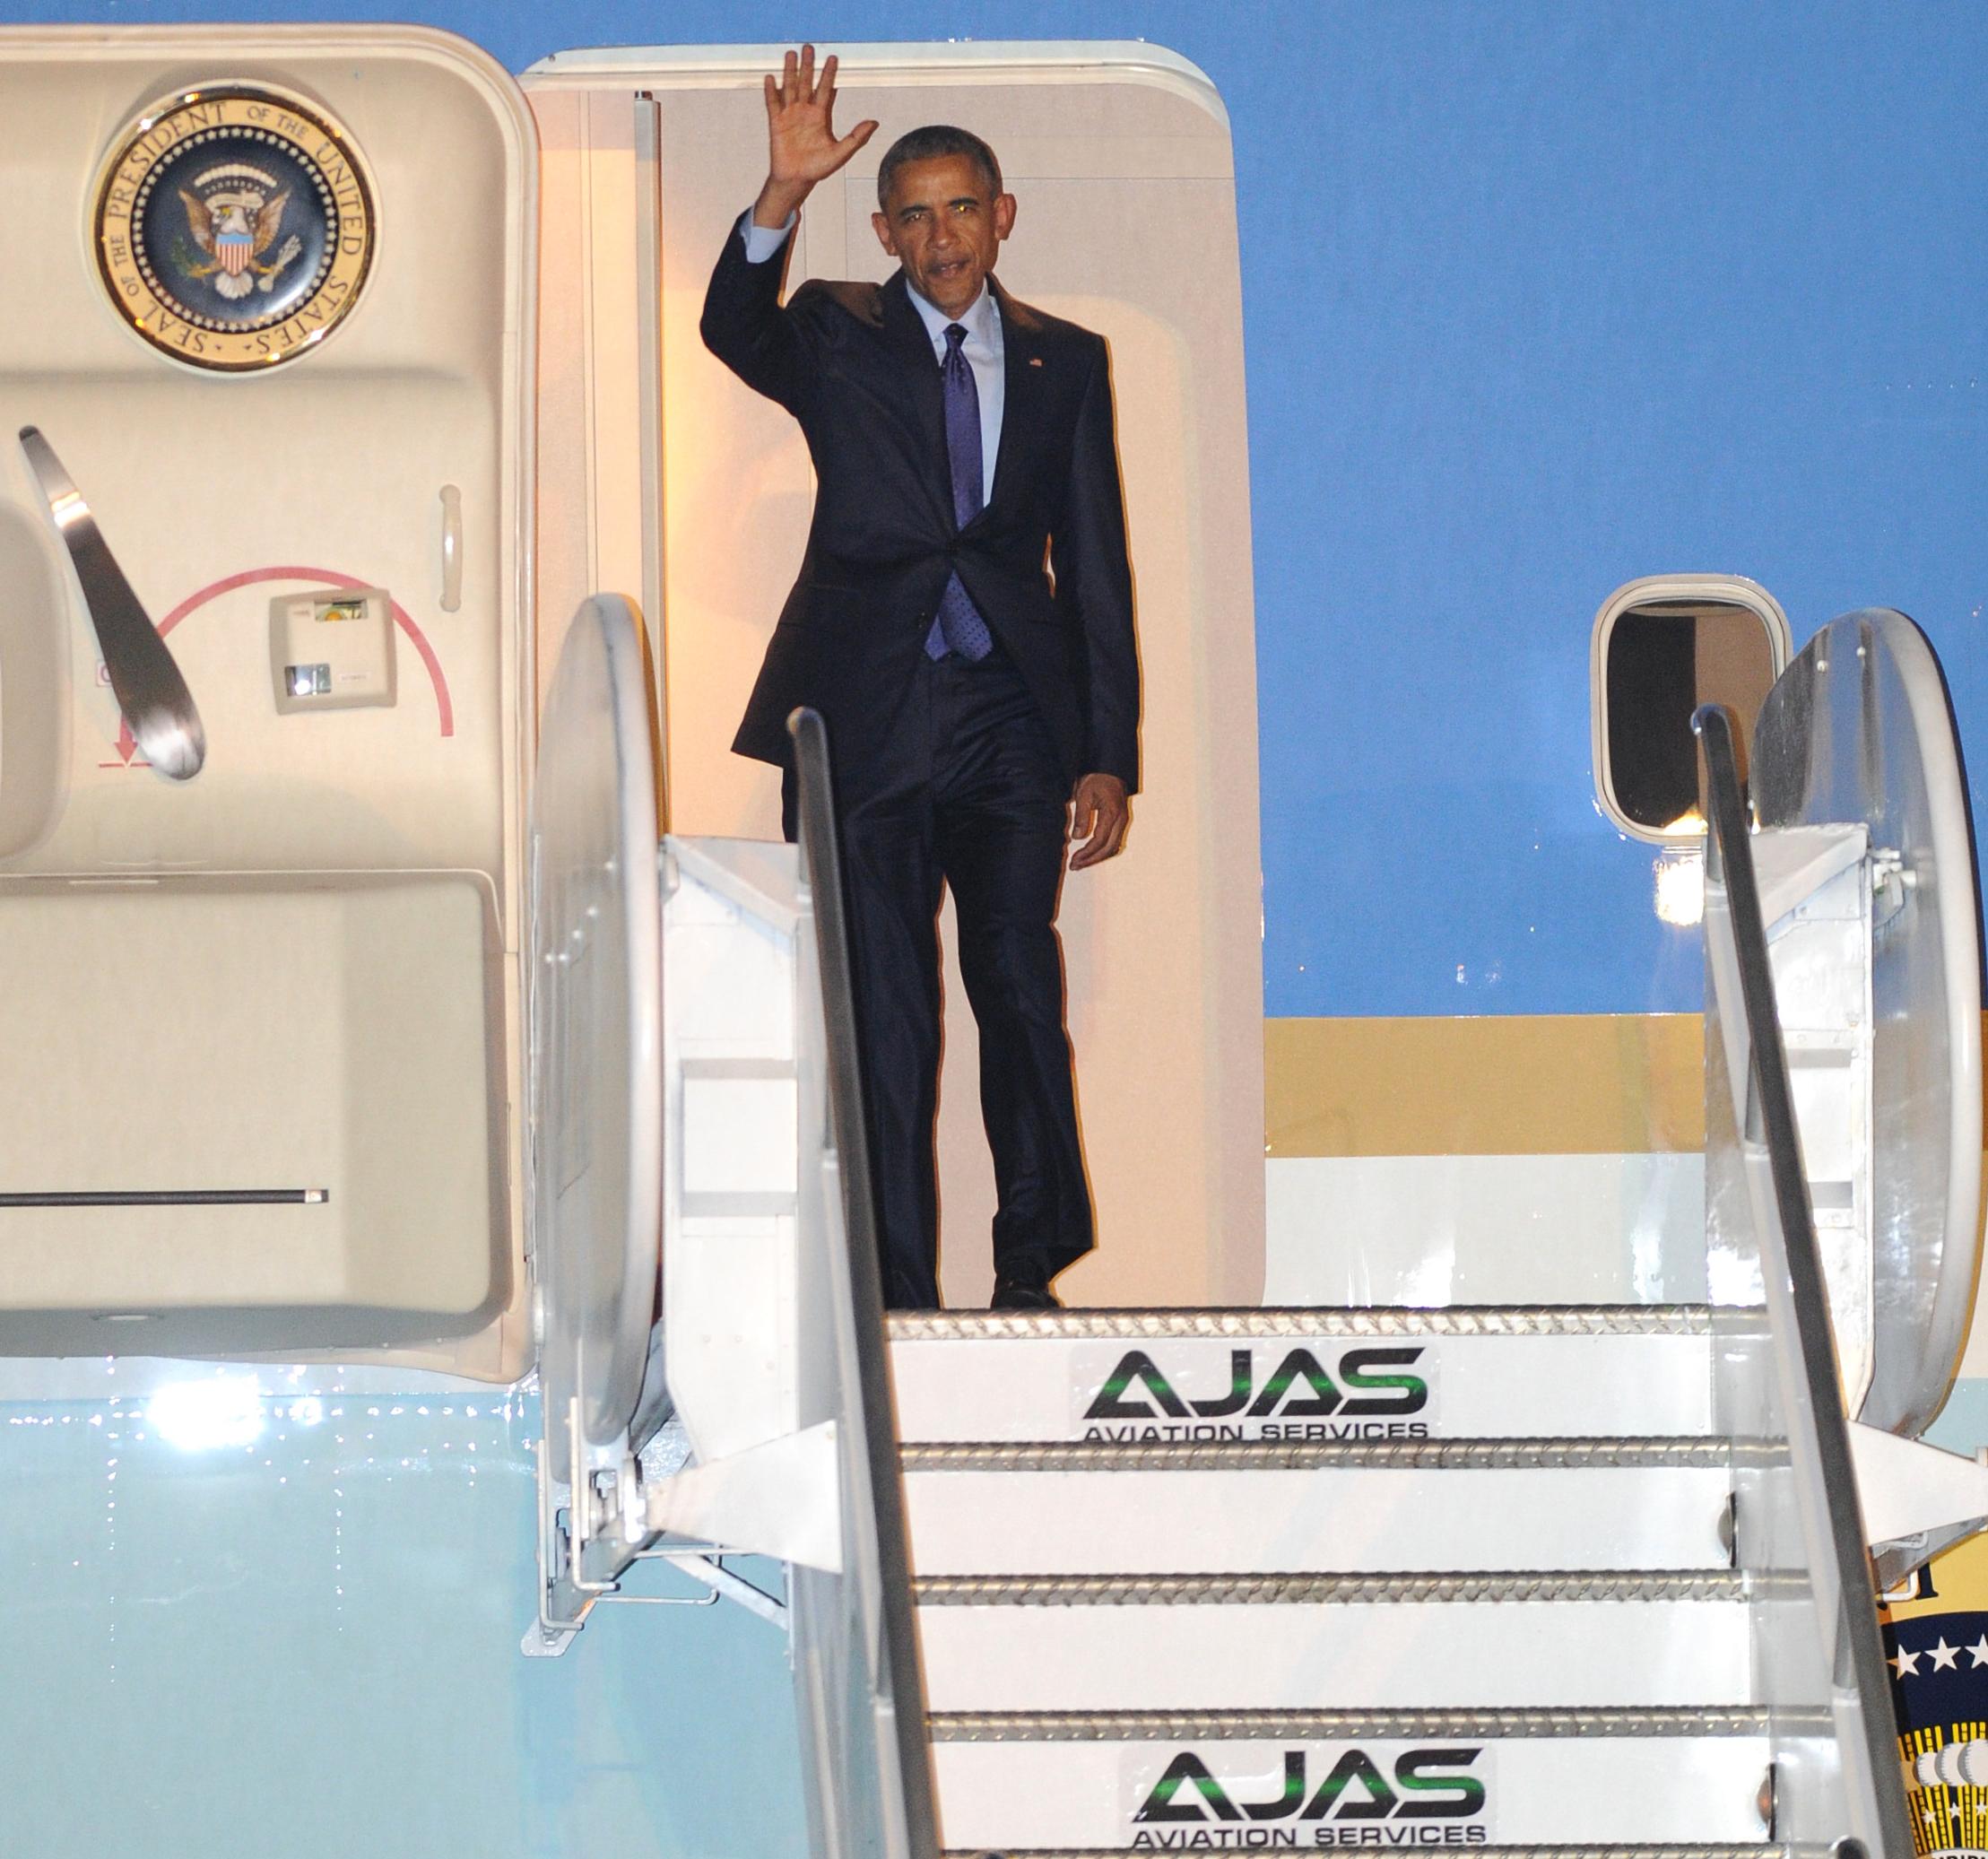 ObamaArrival1 (1).jpg